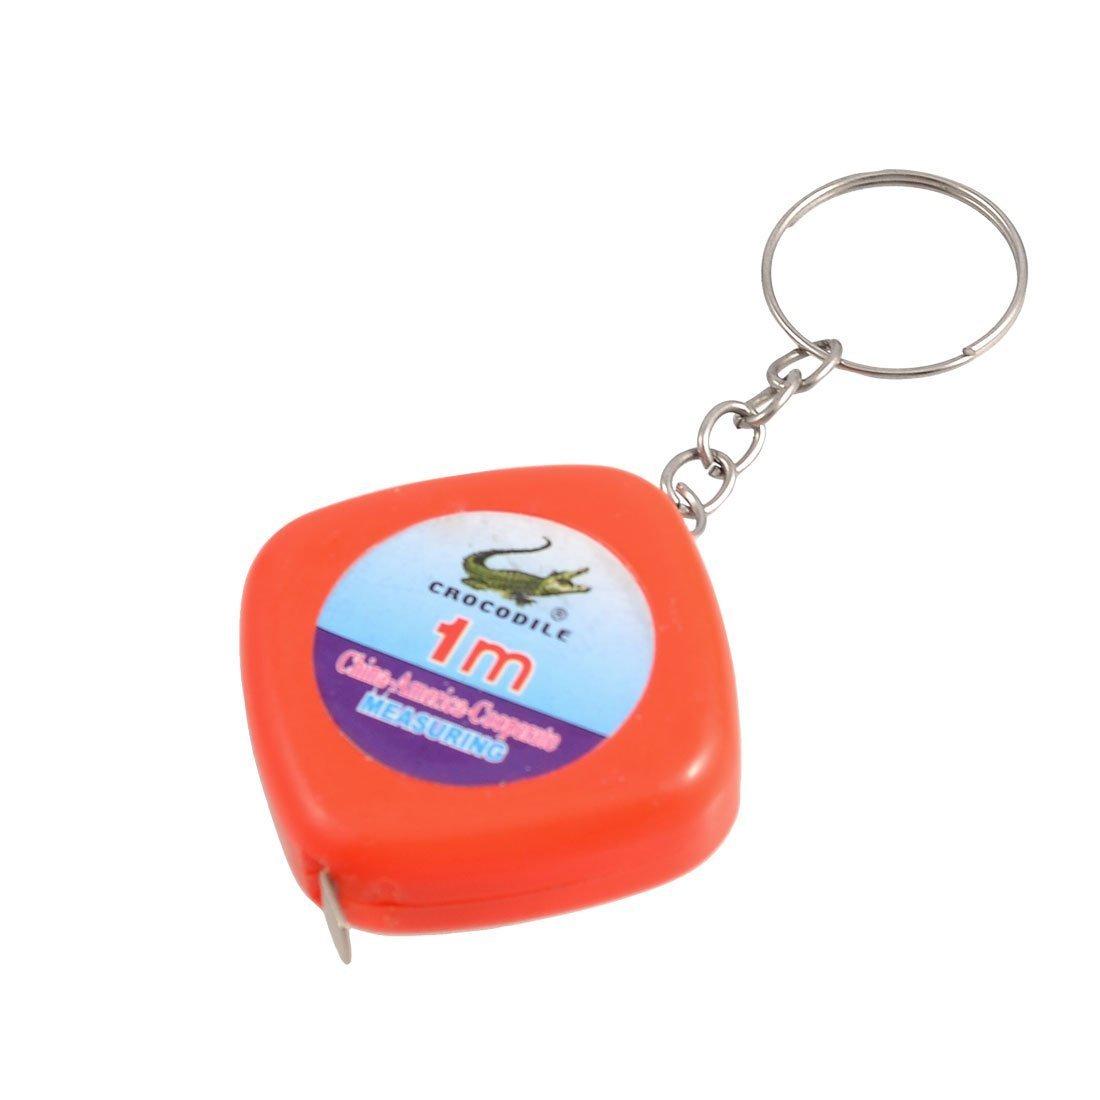 Uxcell co duỗi metric thước kẻ thước hộp công cụ trang trí vòng đeo chìa khóa, 1 m / 3.